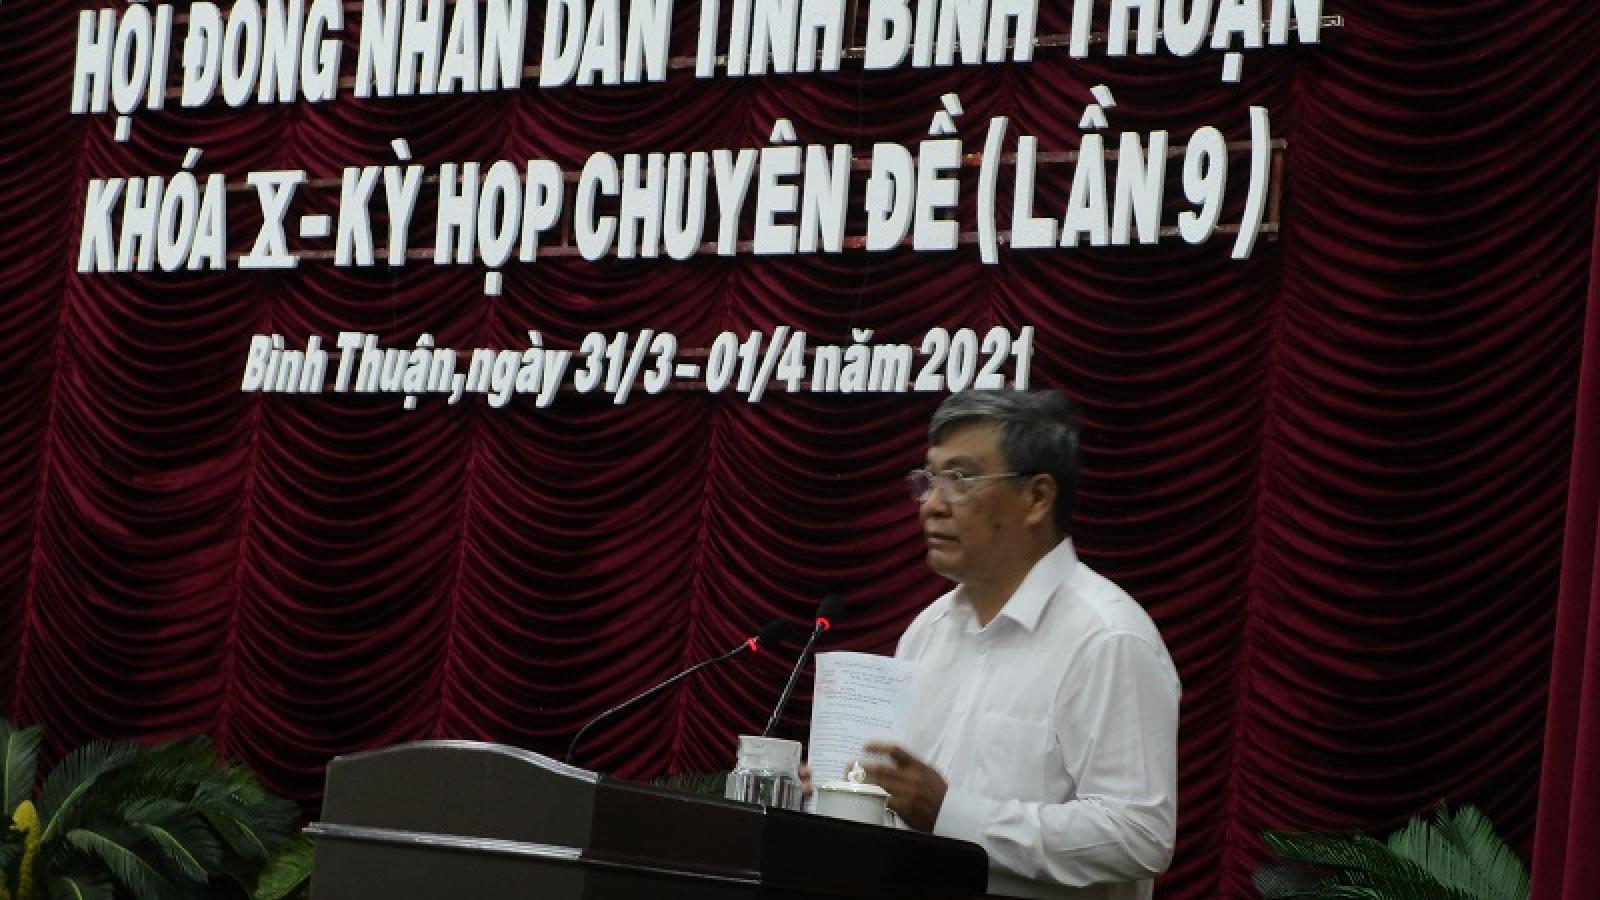 Giám đốc Sở Kế hoạch và Đầu tư được bầu làm Phó Chủ tịch UBND tỉnh Bình Thuận